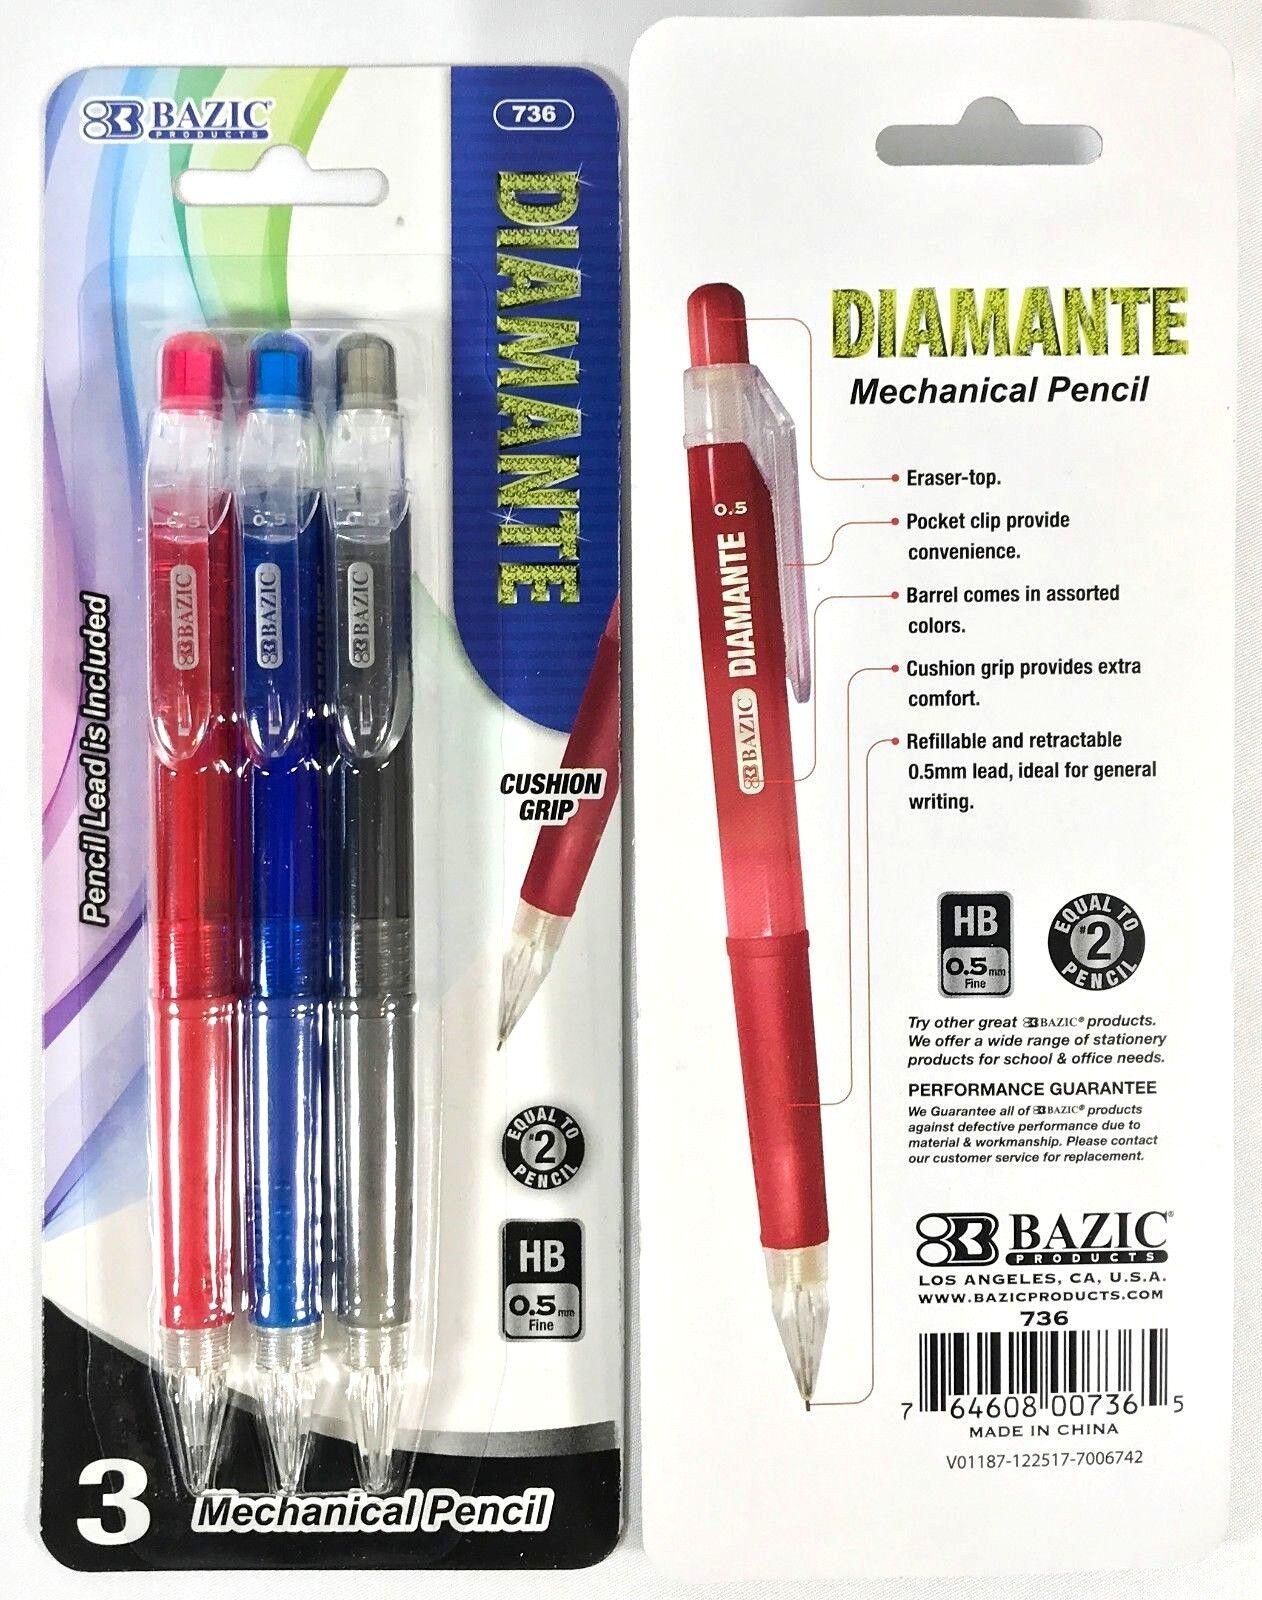 3 Bazic Diamante Mechanical Lead Pencil cushion Grip 0.5mm F